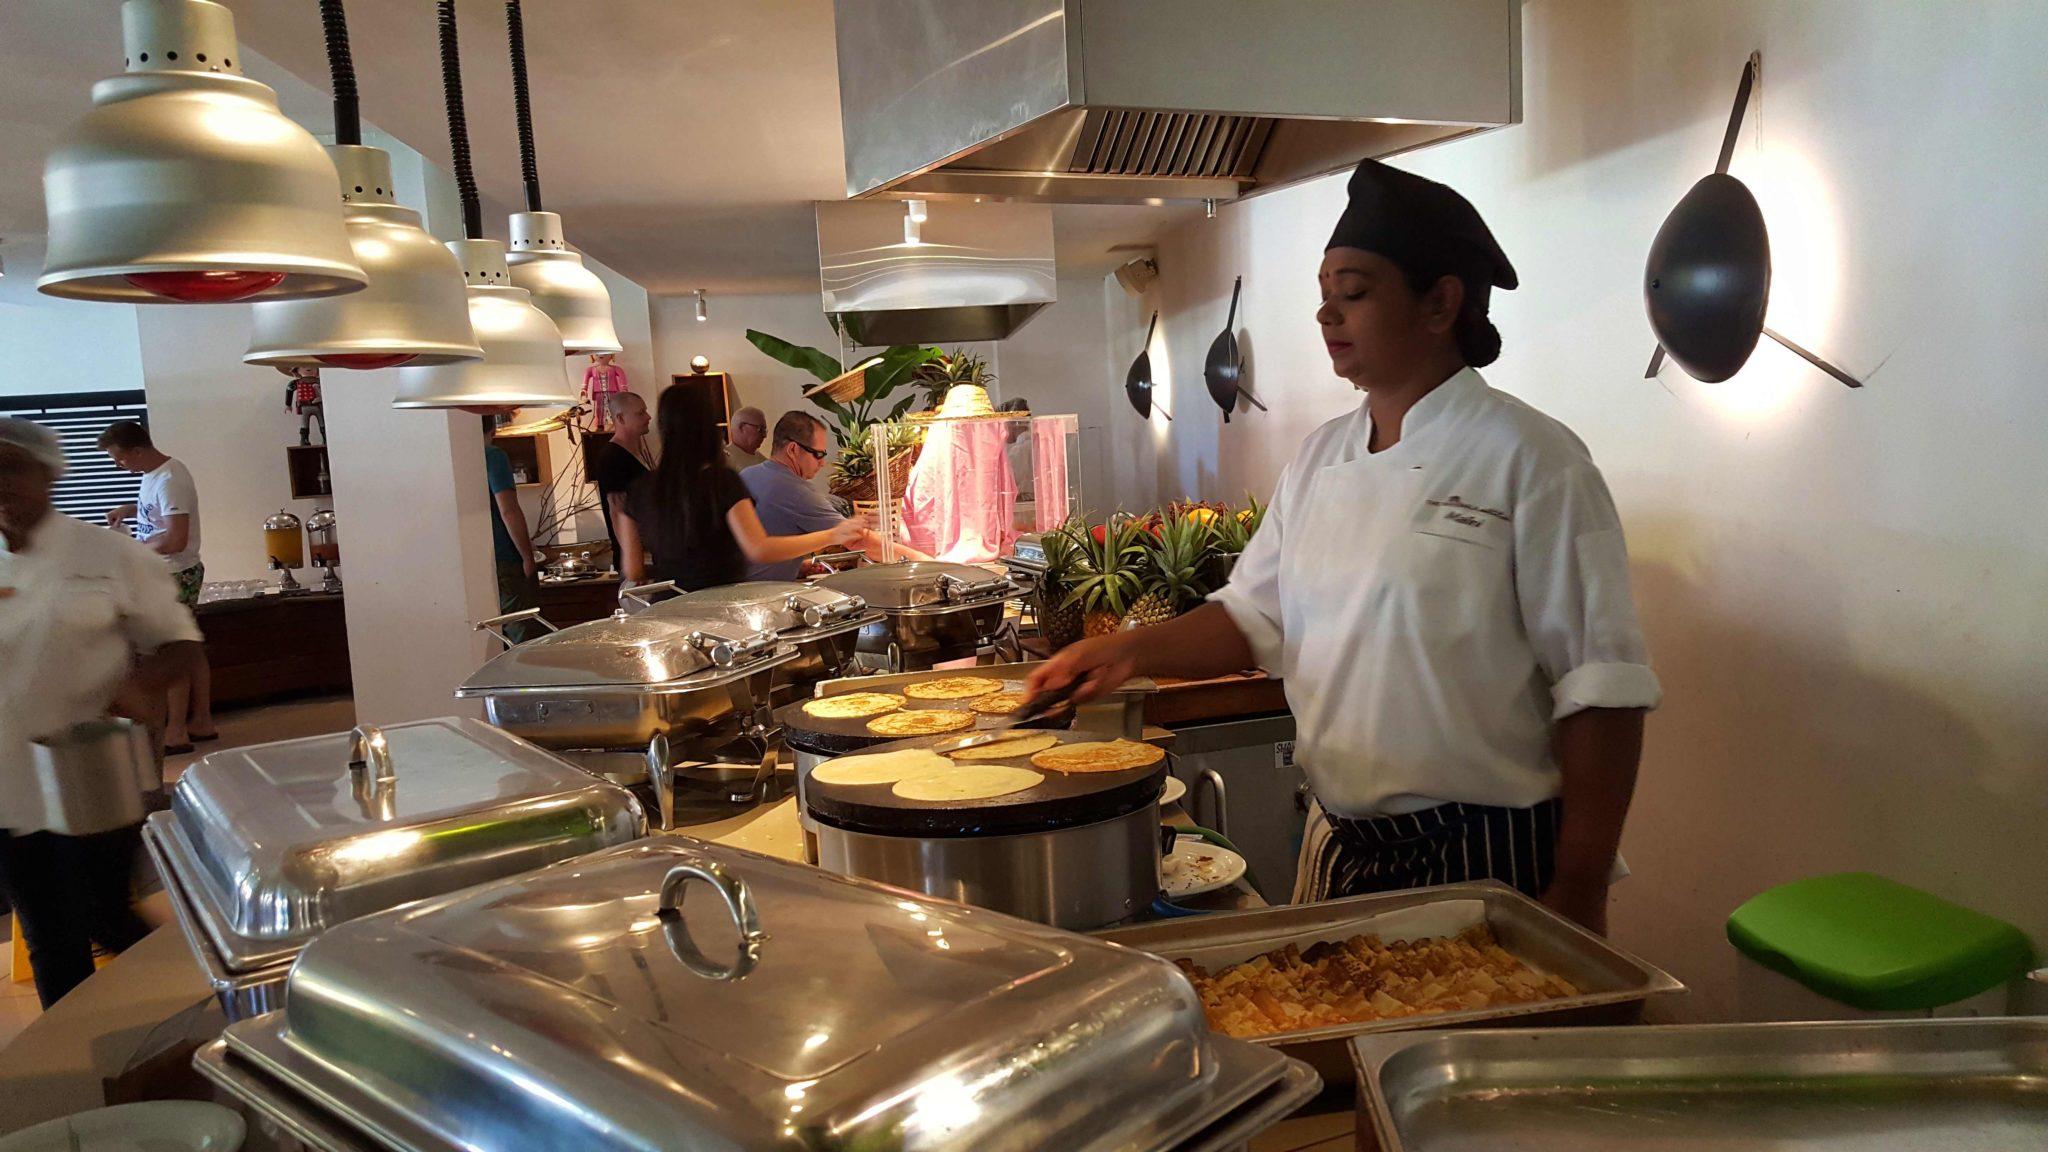 Pequeno-almoço no Hotel Ravenala Attitude - Ilhas Maurícias © Viaje Comigo